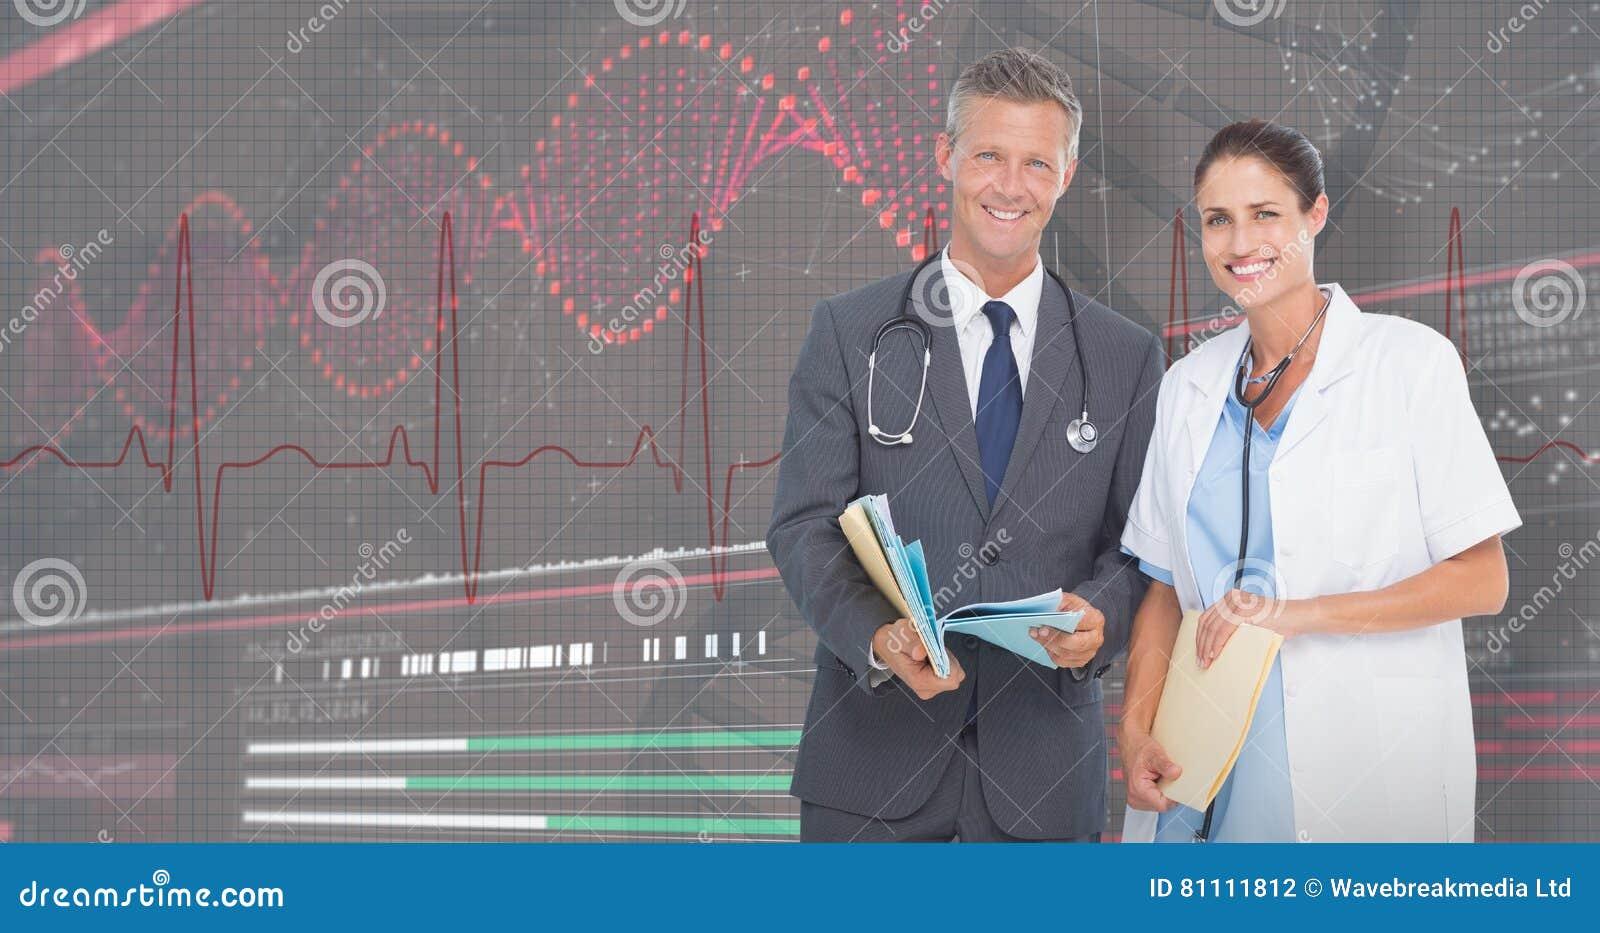 Imagem 3D composta do retrato dos doutores masculinos e fêmeas com relatórios médicos